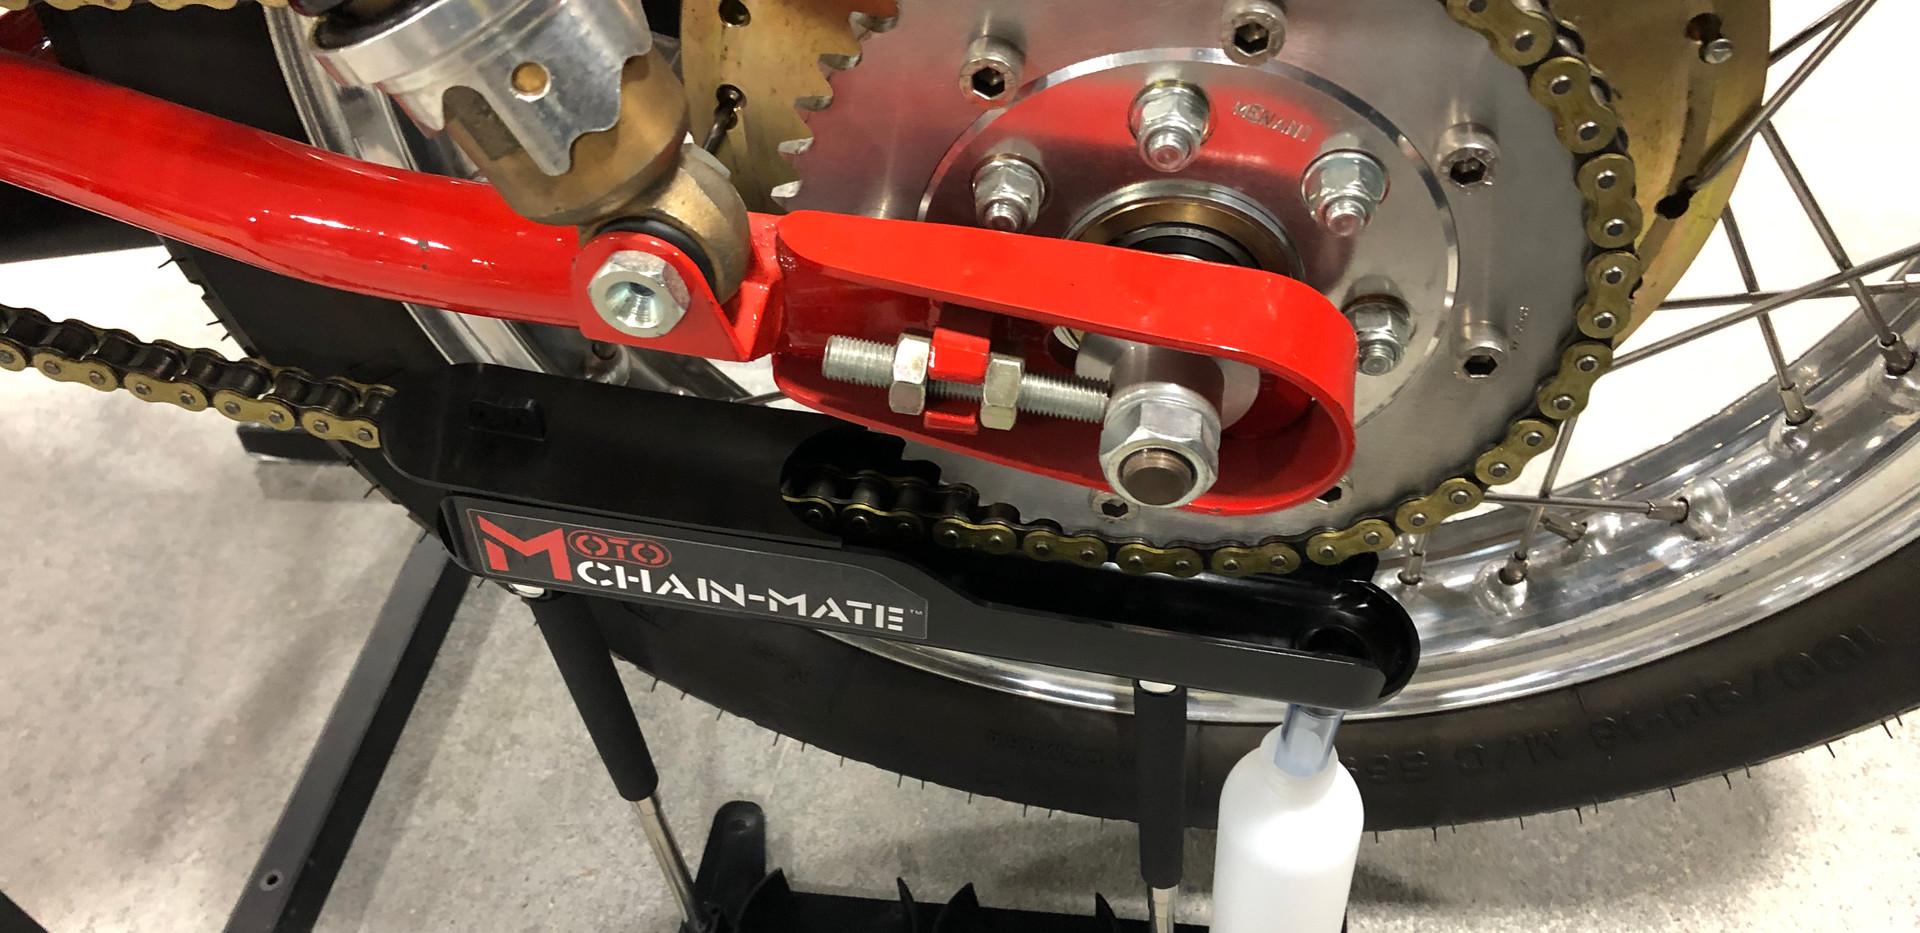 Moto Chain-Mate 35.jpg